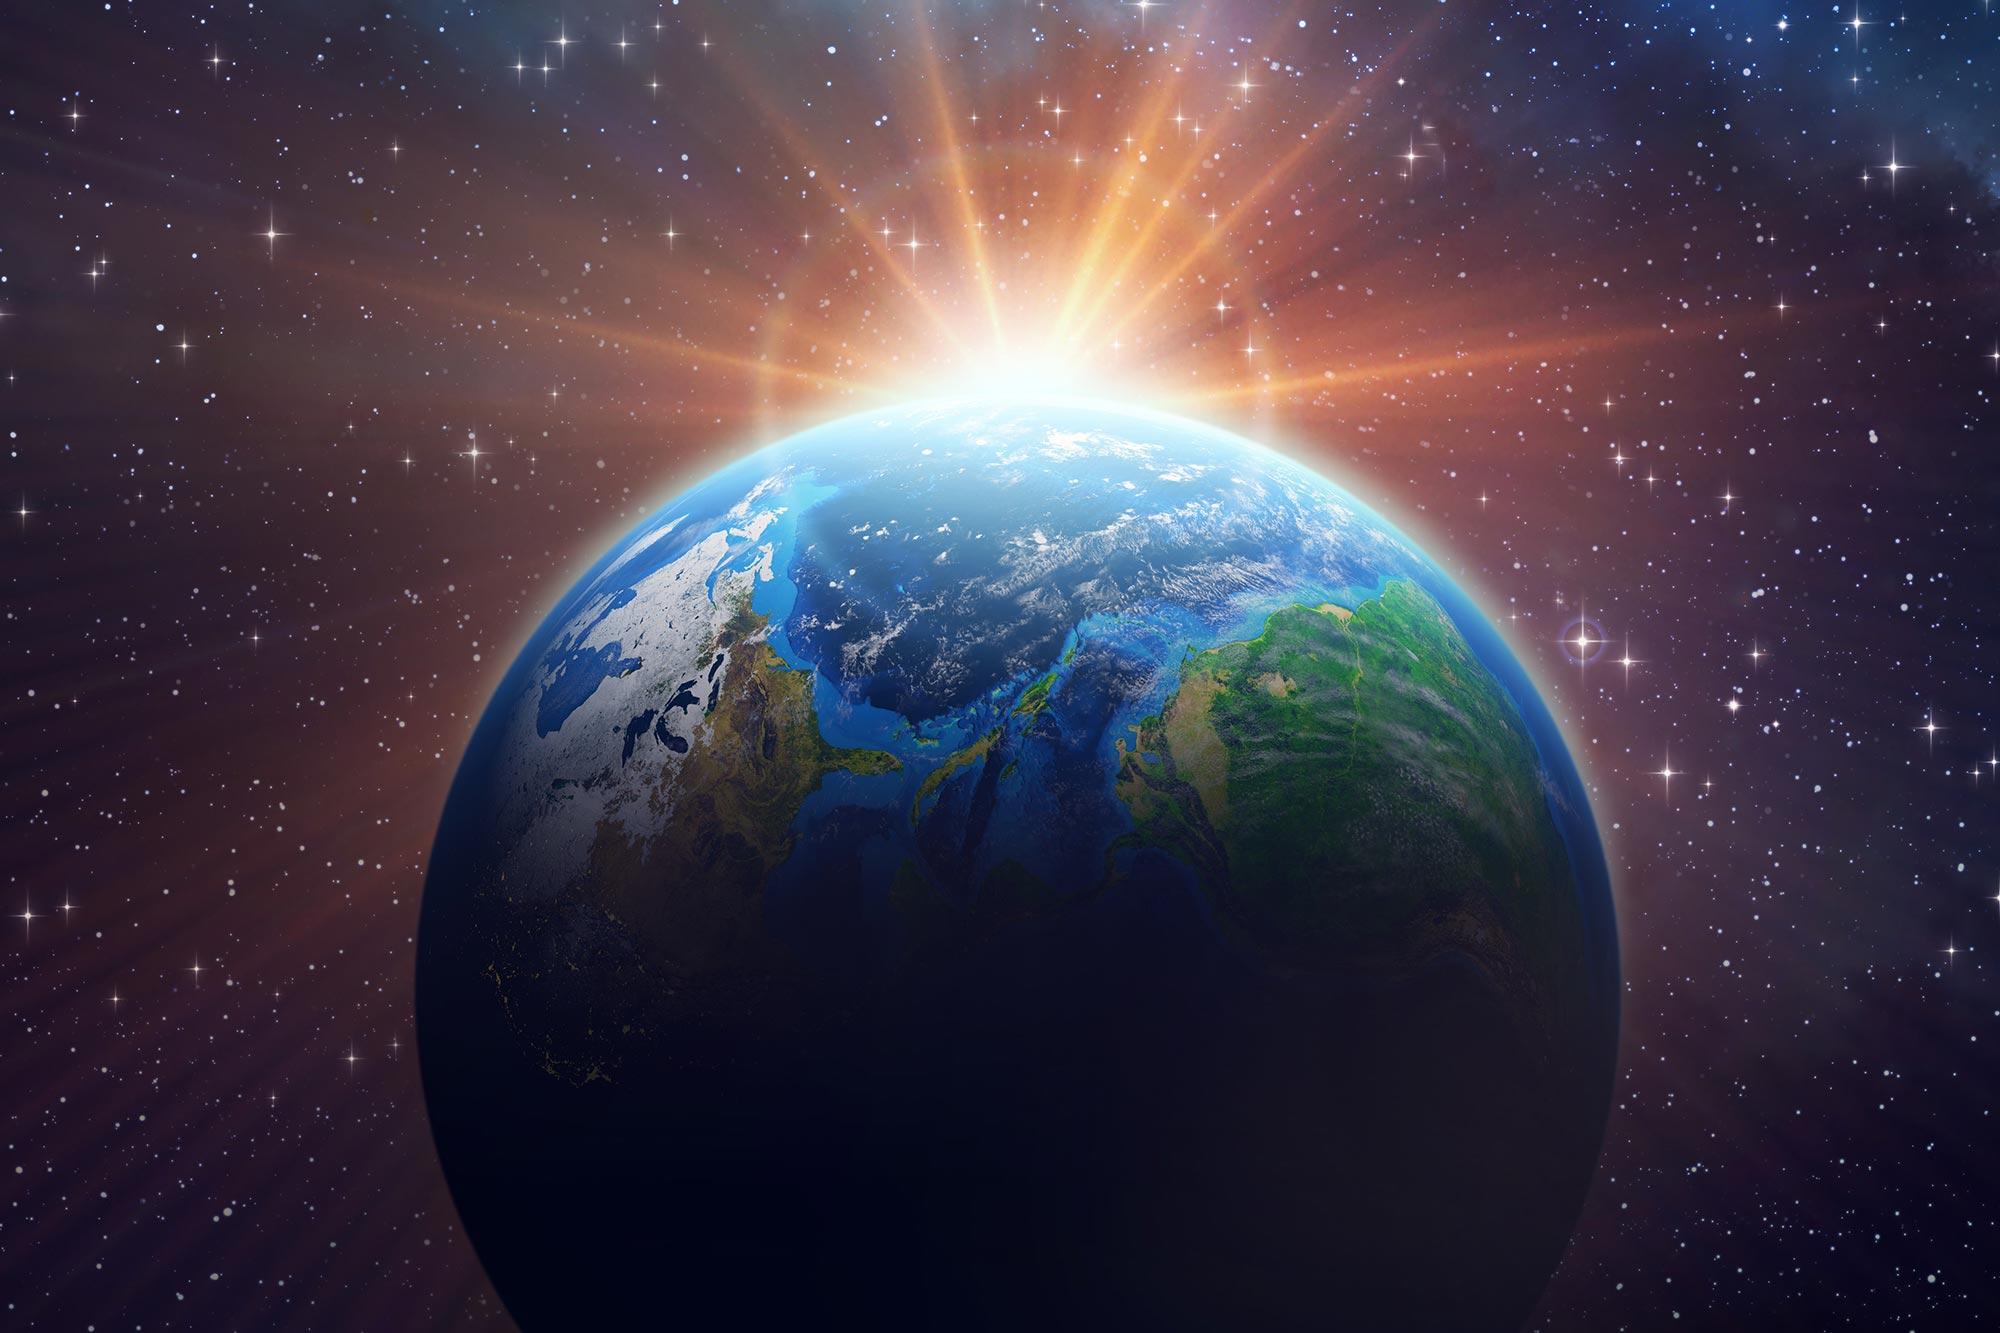 地球的气候变化,让地球变得越来越暗?